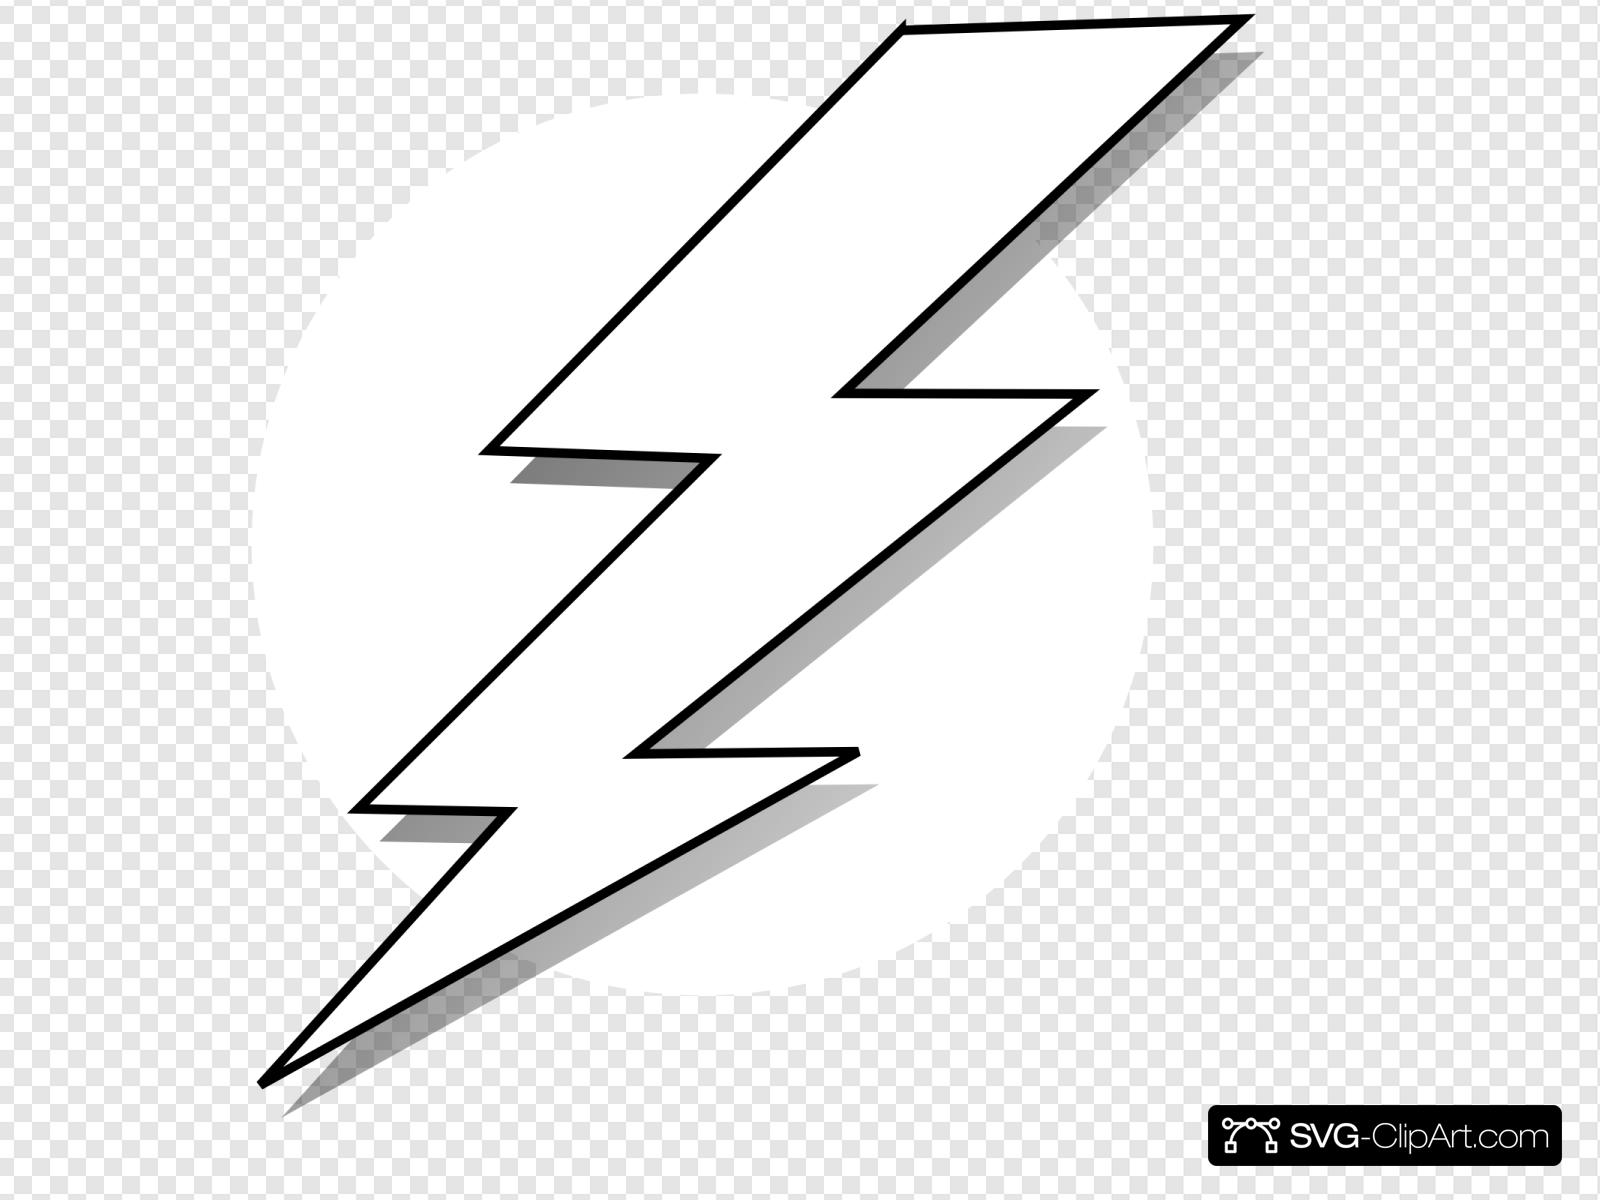 White lighning clipart banner stock Black And White Lightning Bolt Clip art, Icon and SVG - SVG ... banner stock